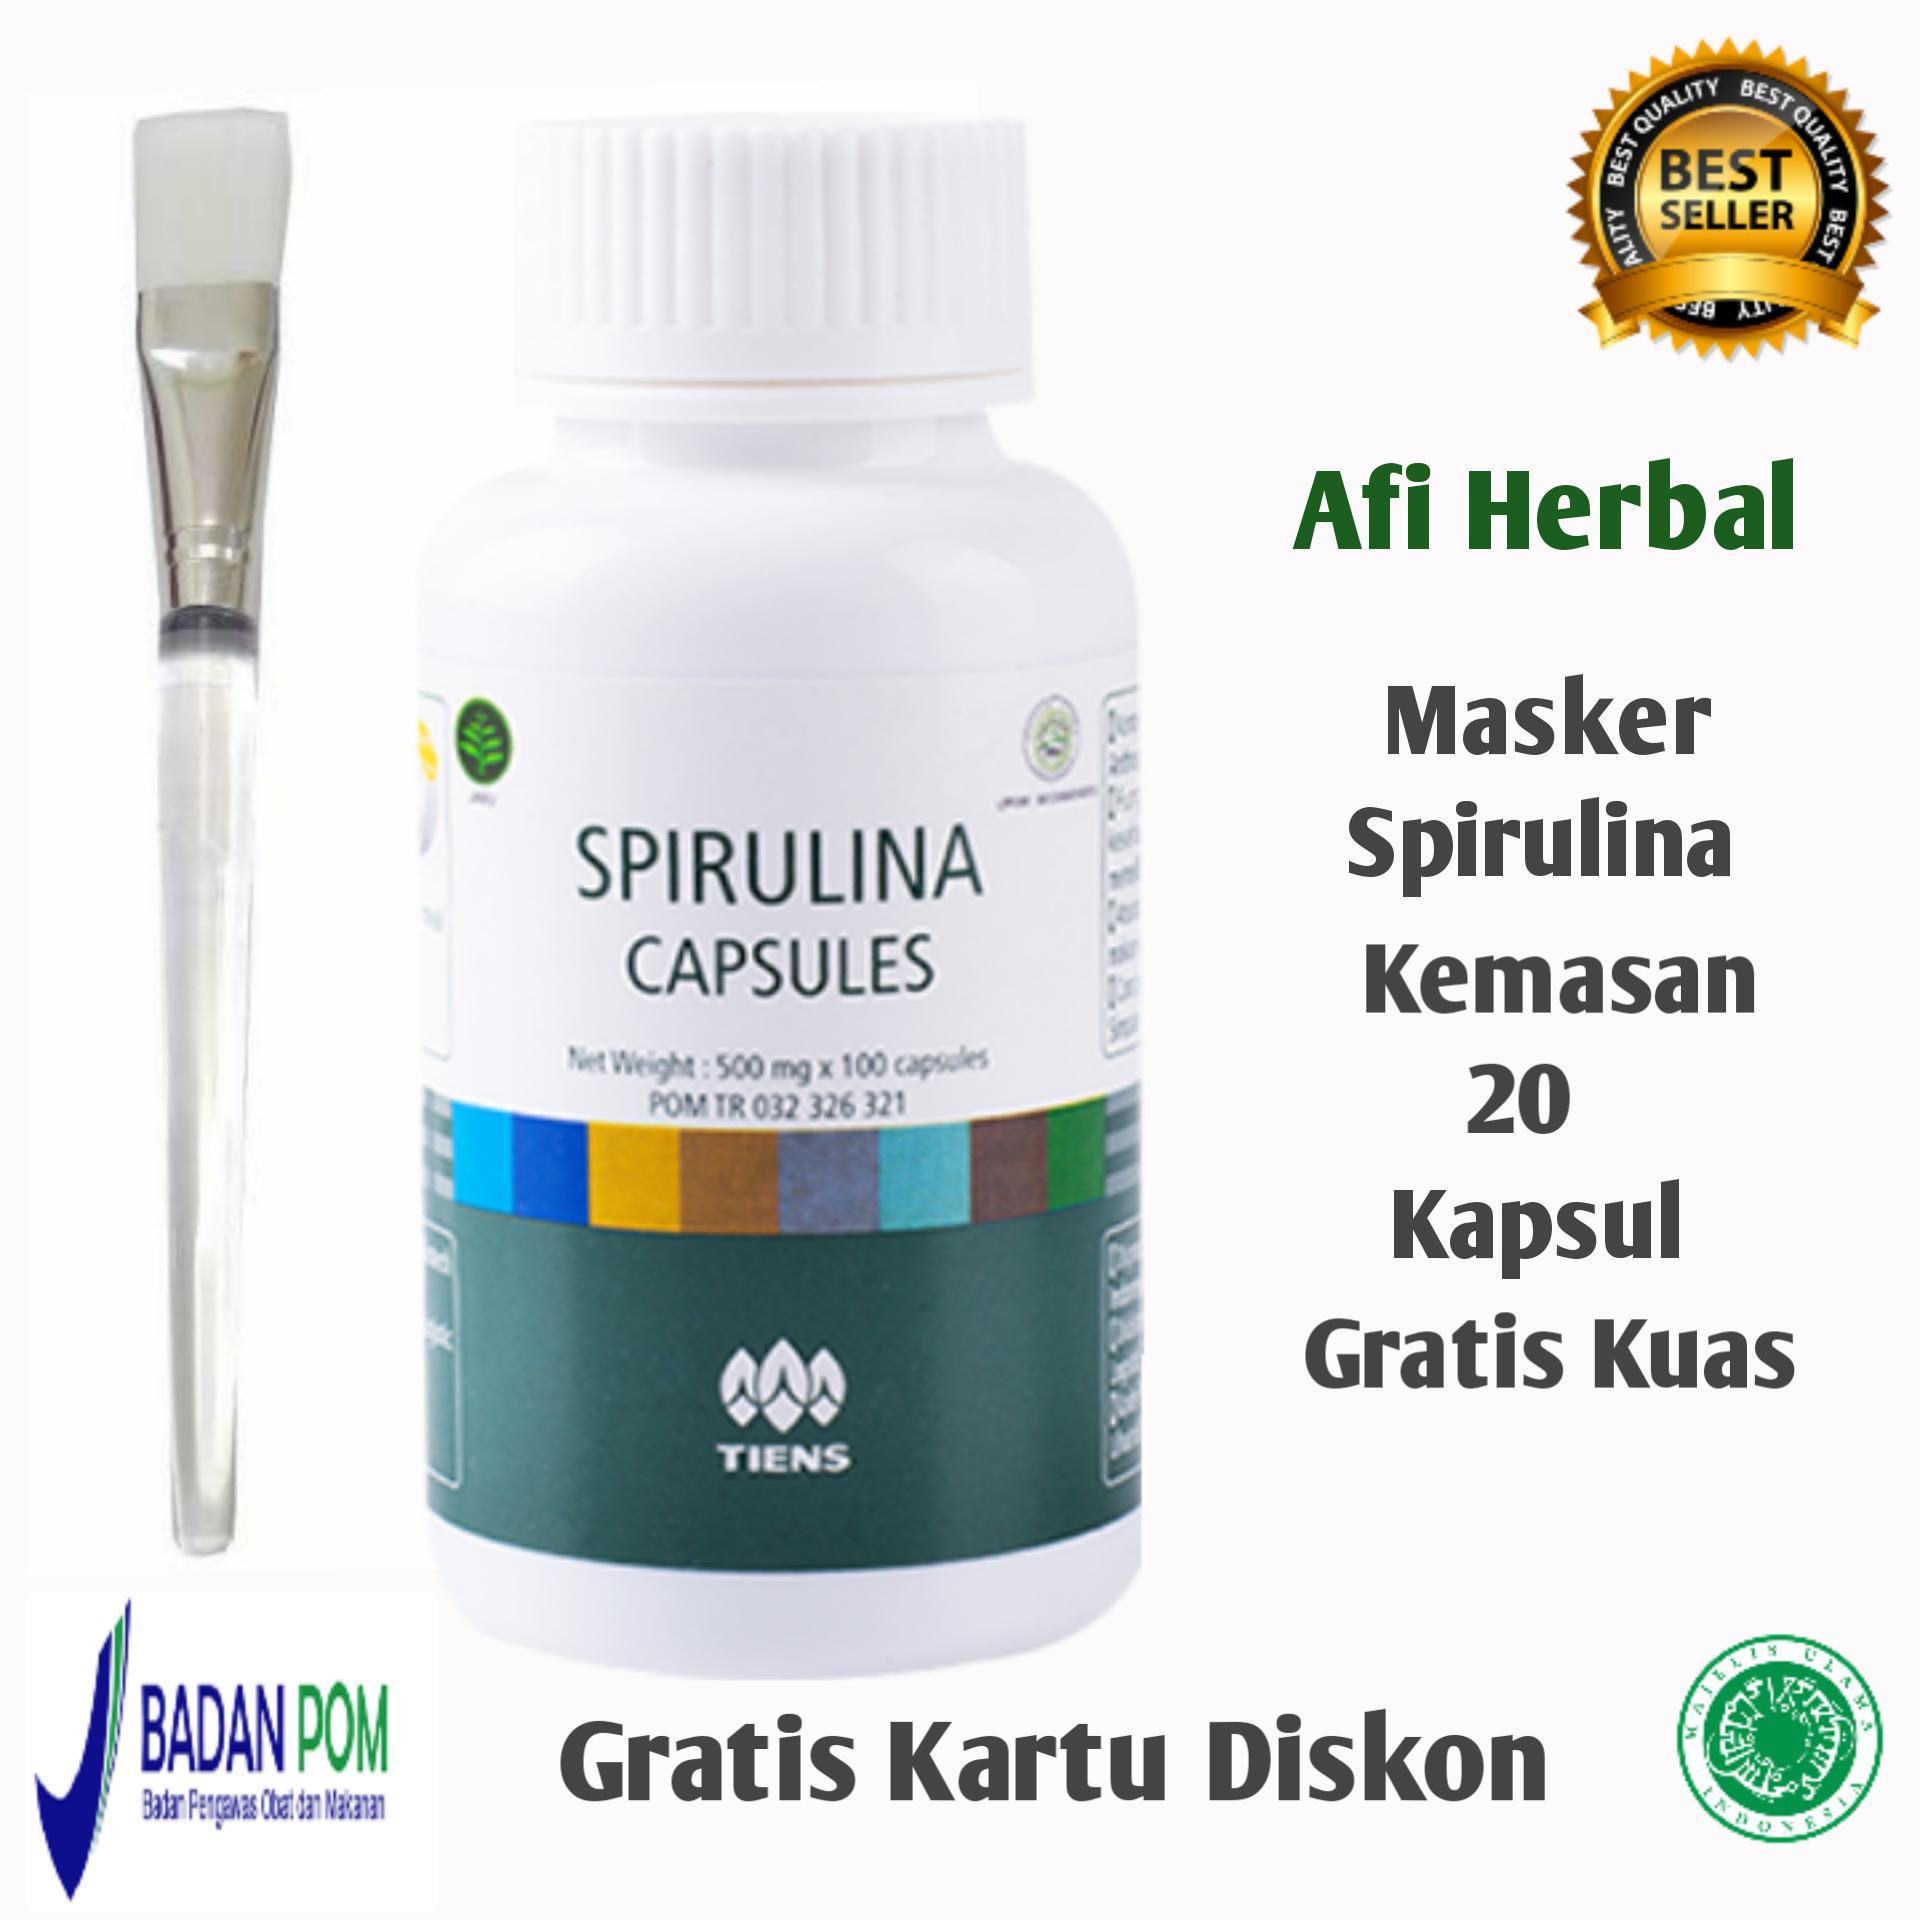 Diskon Tiens Masker Spirulina Paket 20 Kapsul Free Kuas Free Member Card Afi Herbal Tiens Jawa Timur